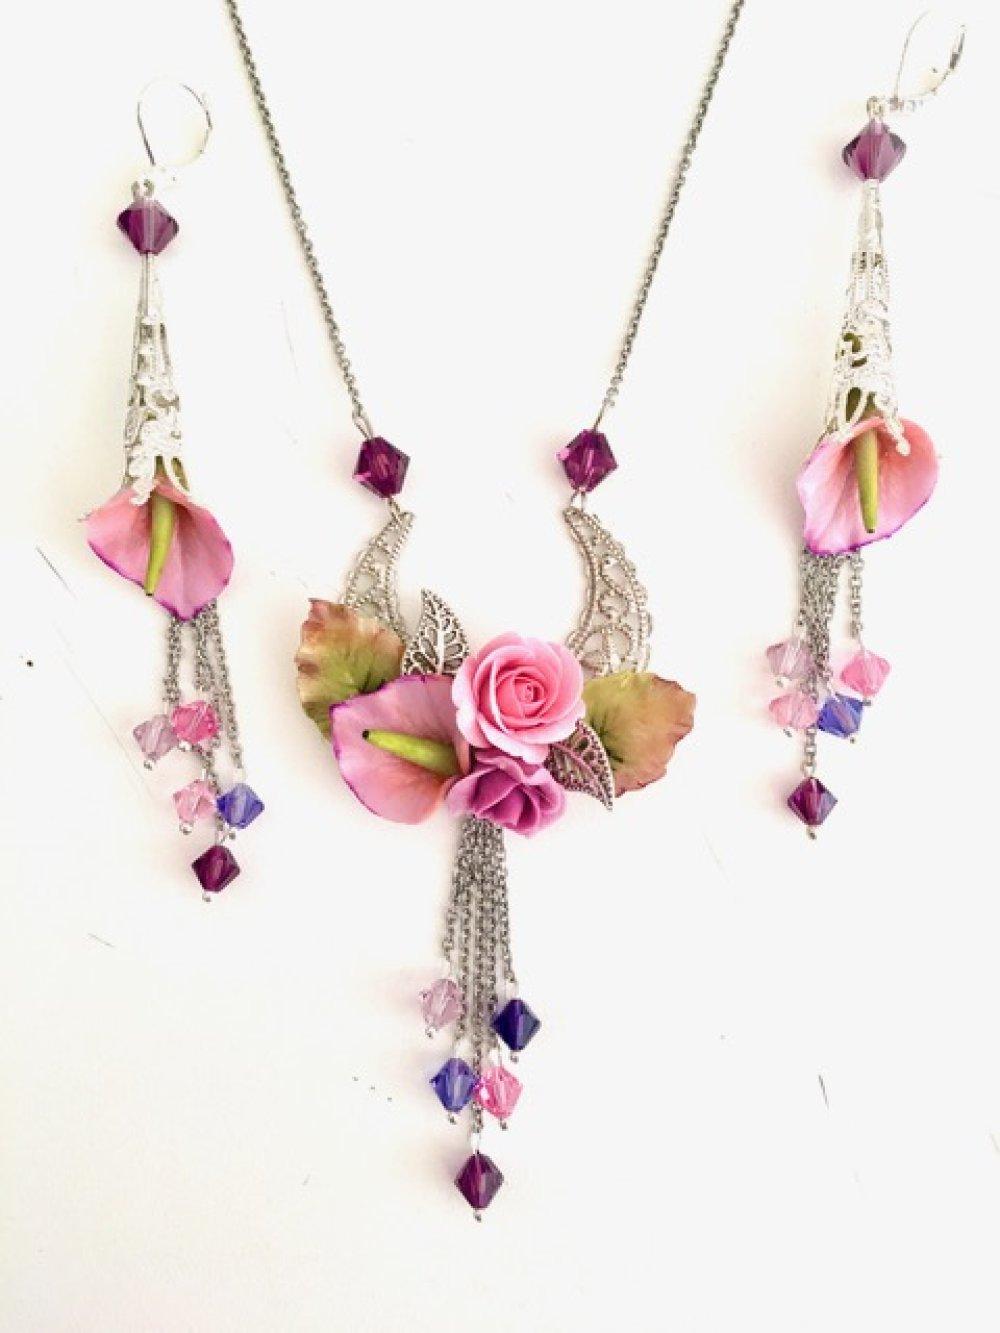 Collier fleurs porcelaine froide rose et violet, cristal Swarovski, bijoux fleuris, bijoux fleurs